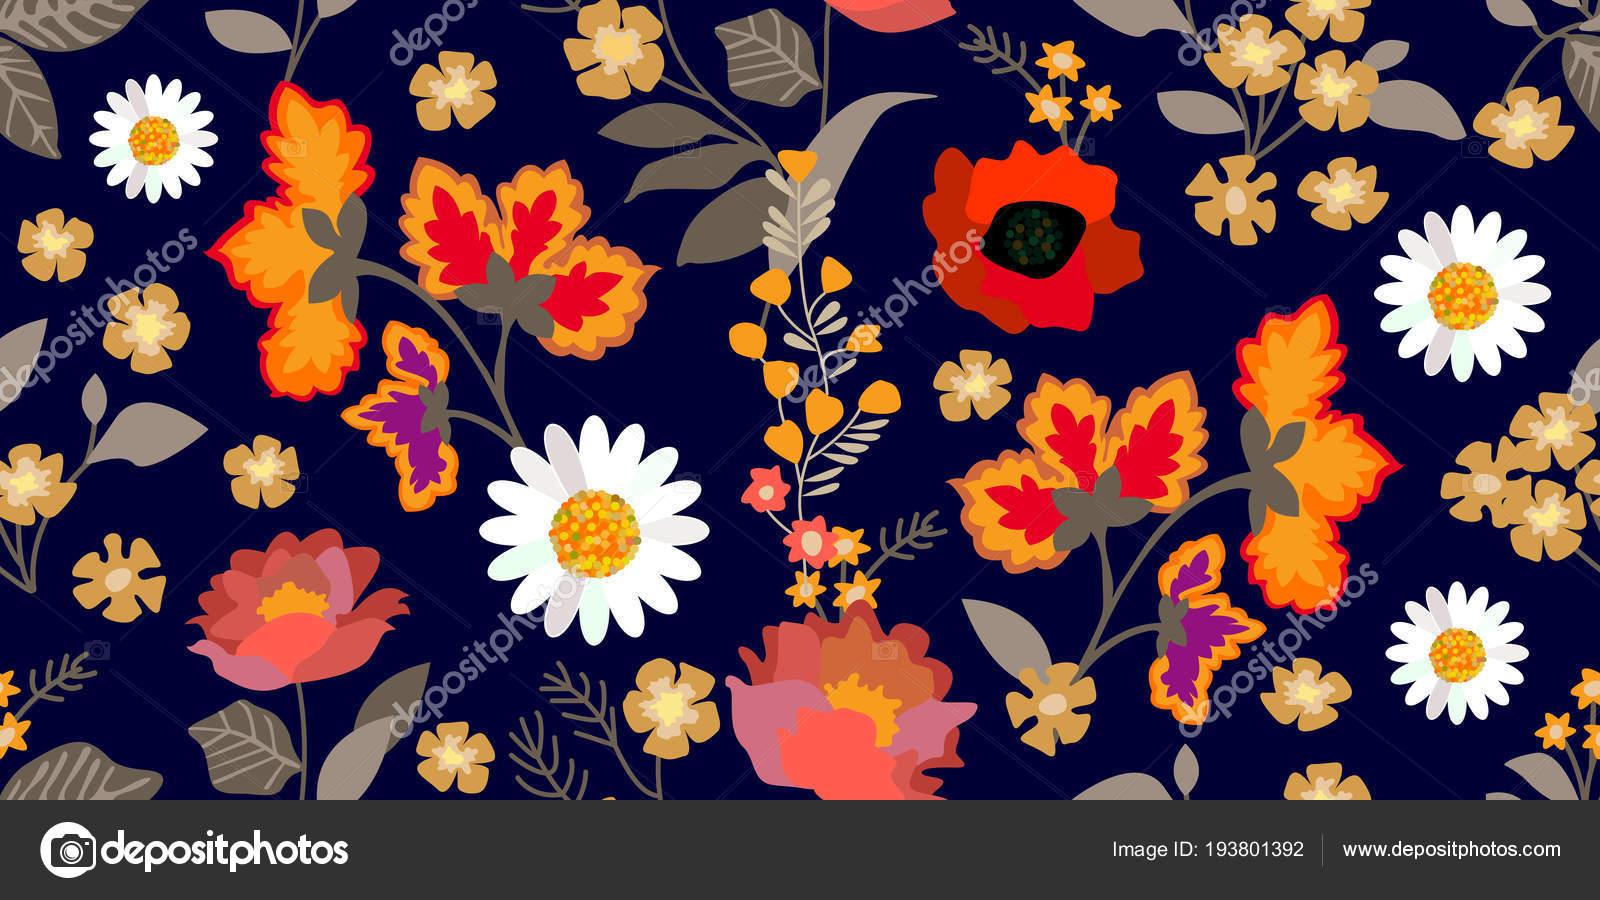 Fondos Florales Vintage Hd Frontera Floral Colorido Con Motivos De